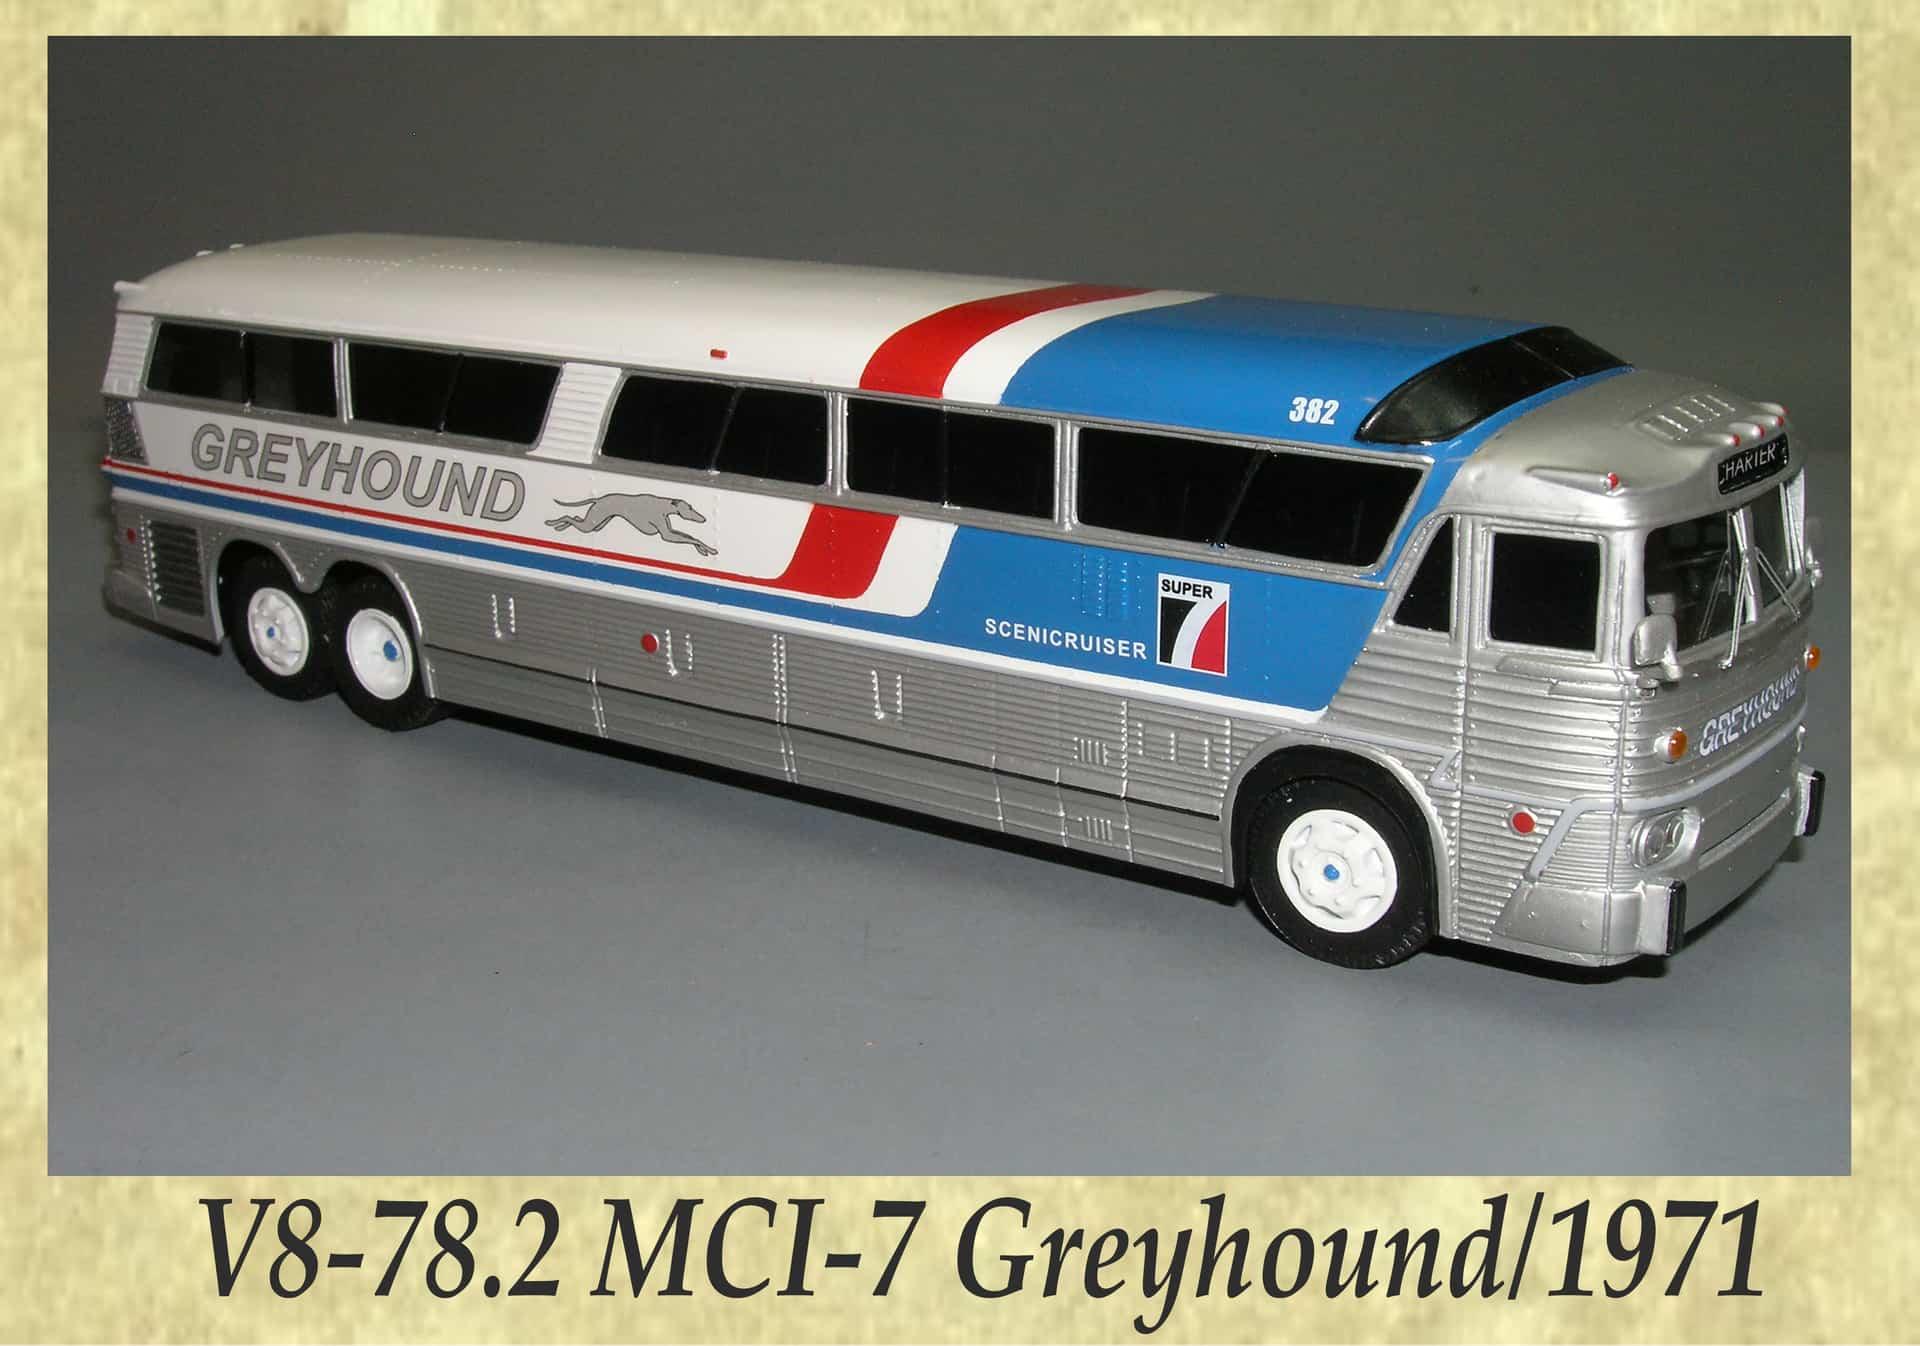 V8-78.2 MCI-7 Greyhound 1971